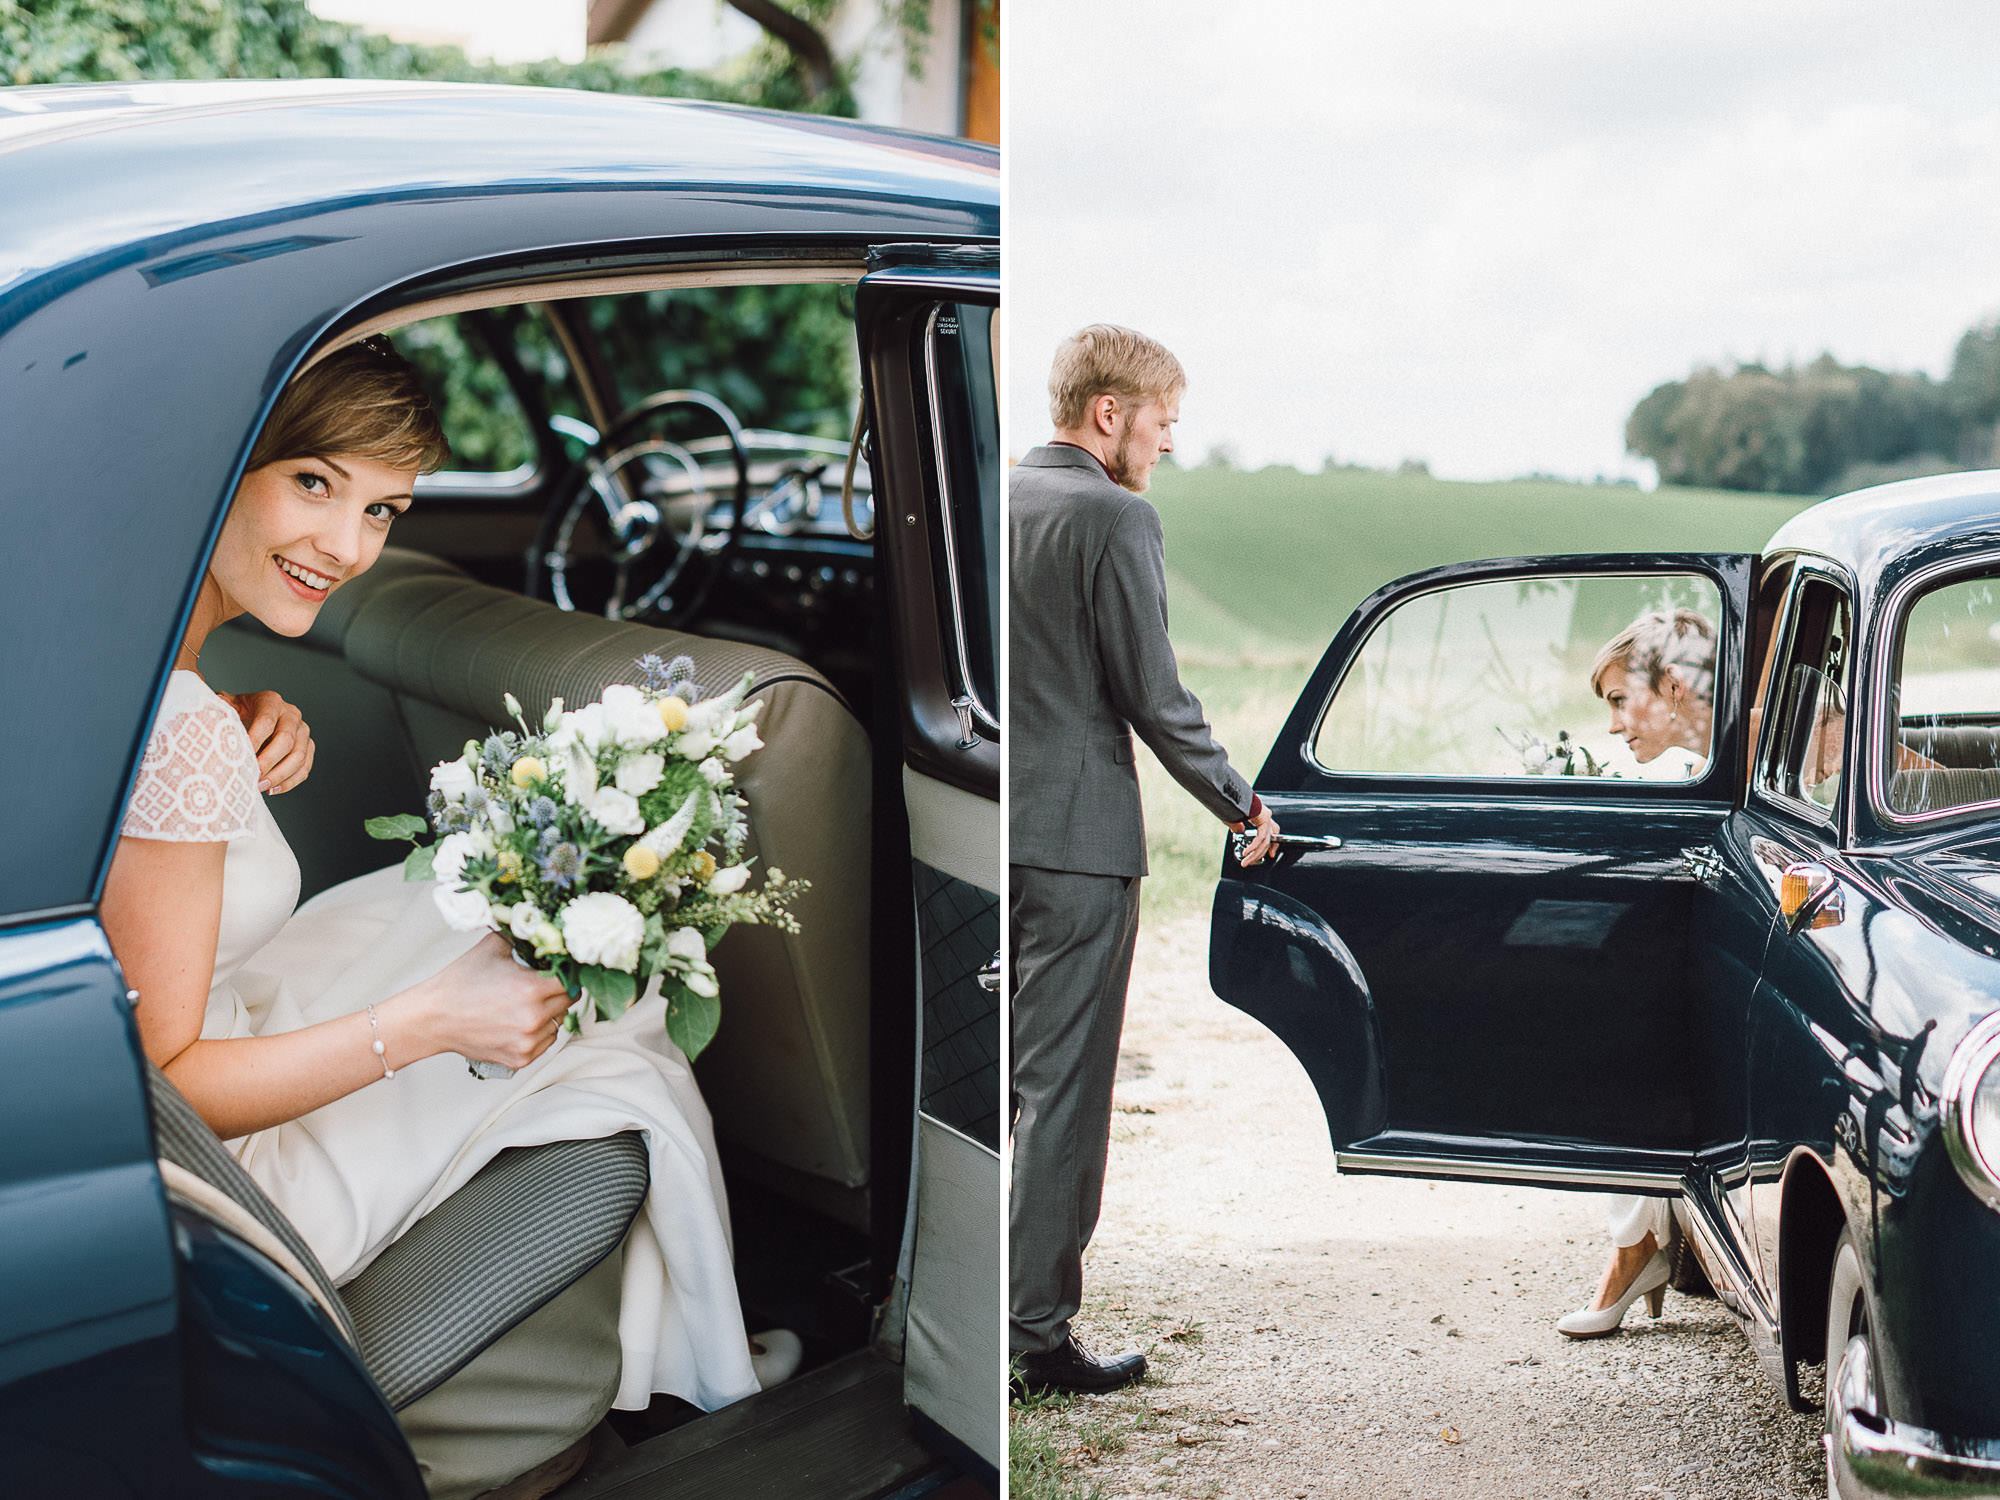 greenery-wedding-hochzeit-prielhof-sukkulenten-scheyern-lauraelenaphotography-017